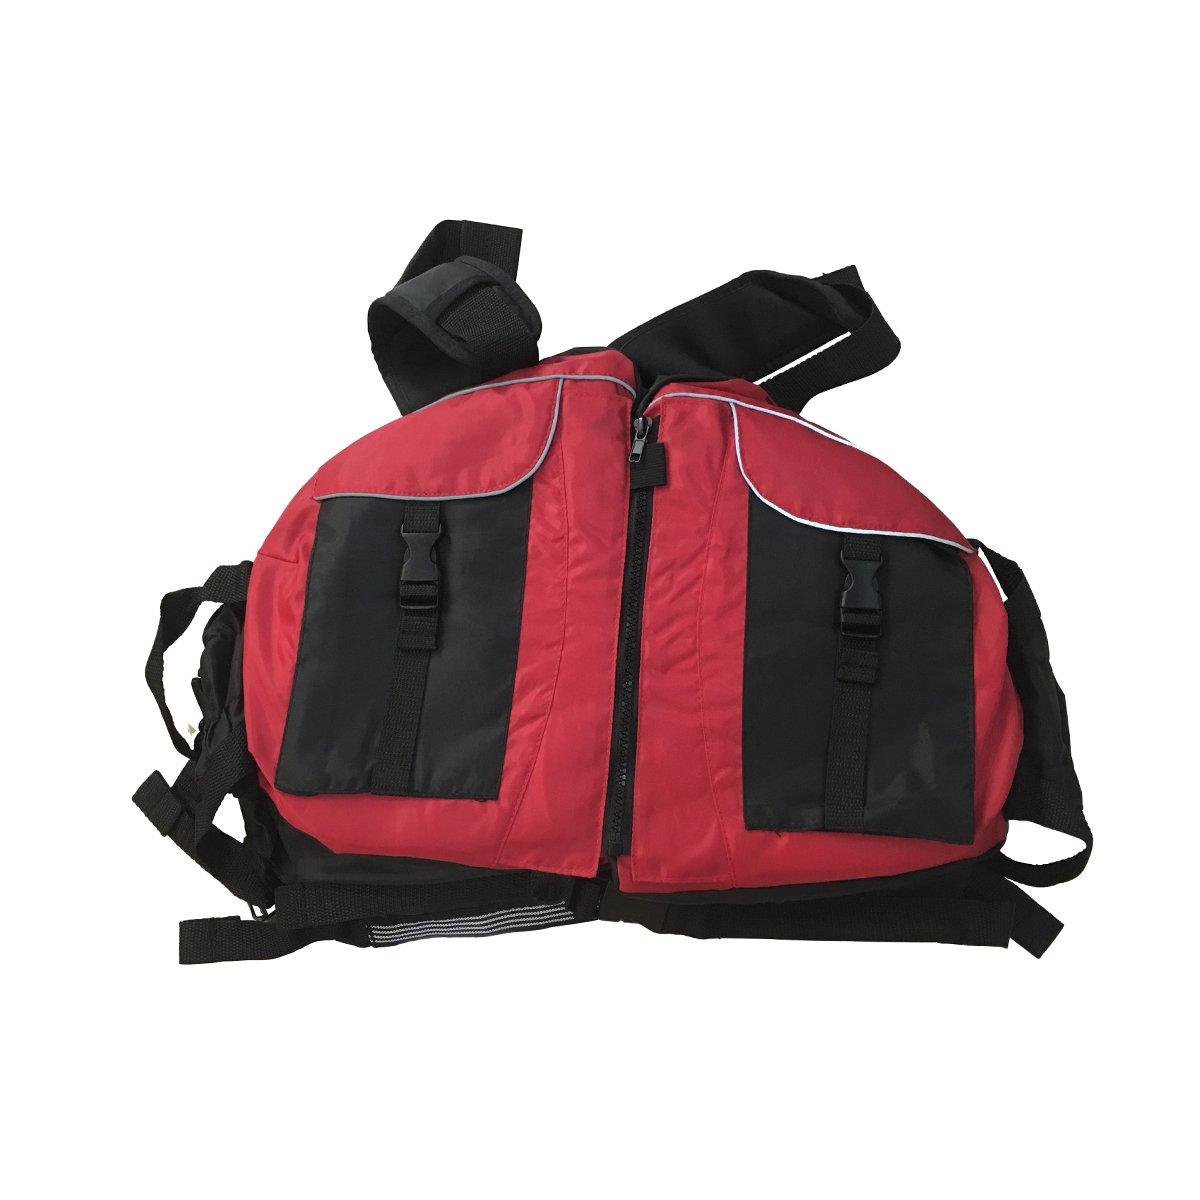 最新発見 Liker パドルスポーツライフジャケット B075CLDZZT アウトドアスポーツ用 210Dテリレンオックスフォード生地 Free Size Size Liker レッド B075CLDZZT, ショウナンマチ:f2f15b6a --- a0267596.xsph.ru